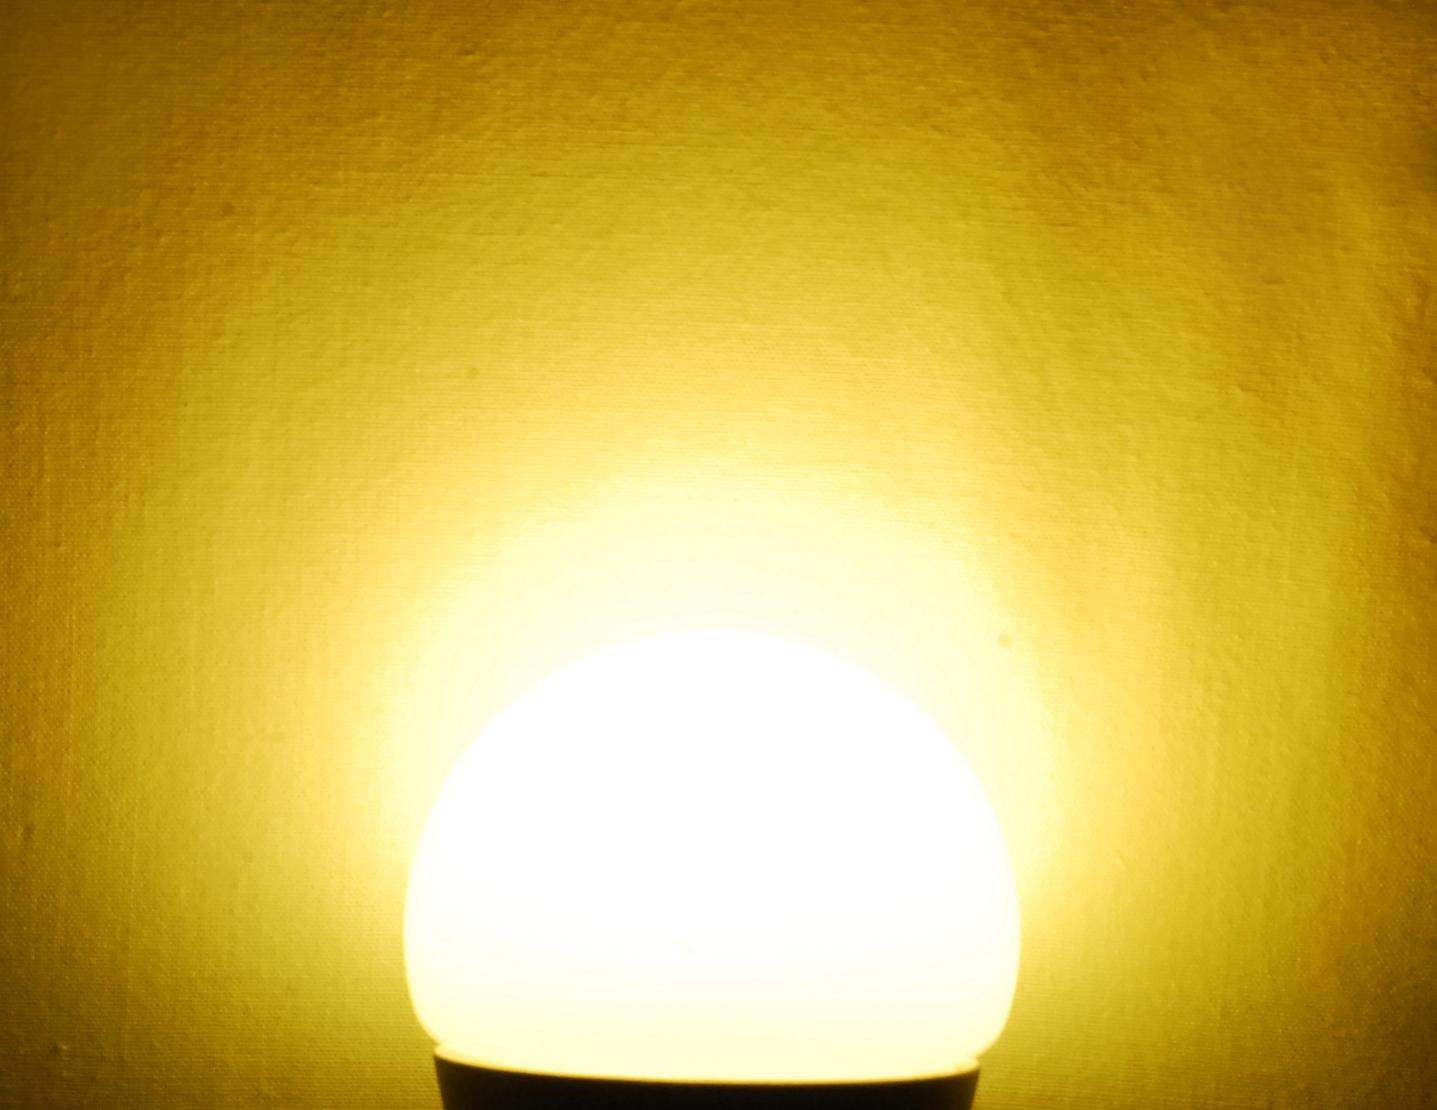 Illuminazione e colore come scegliere le luci giuste in casa